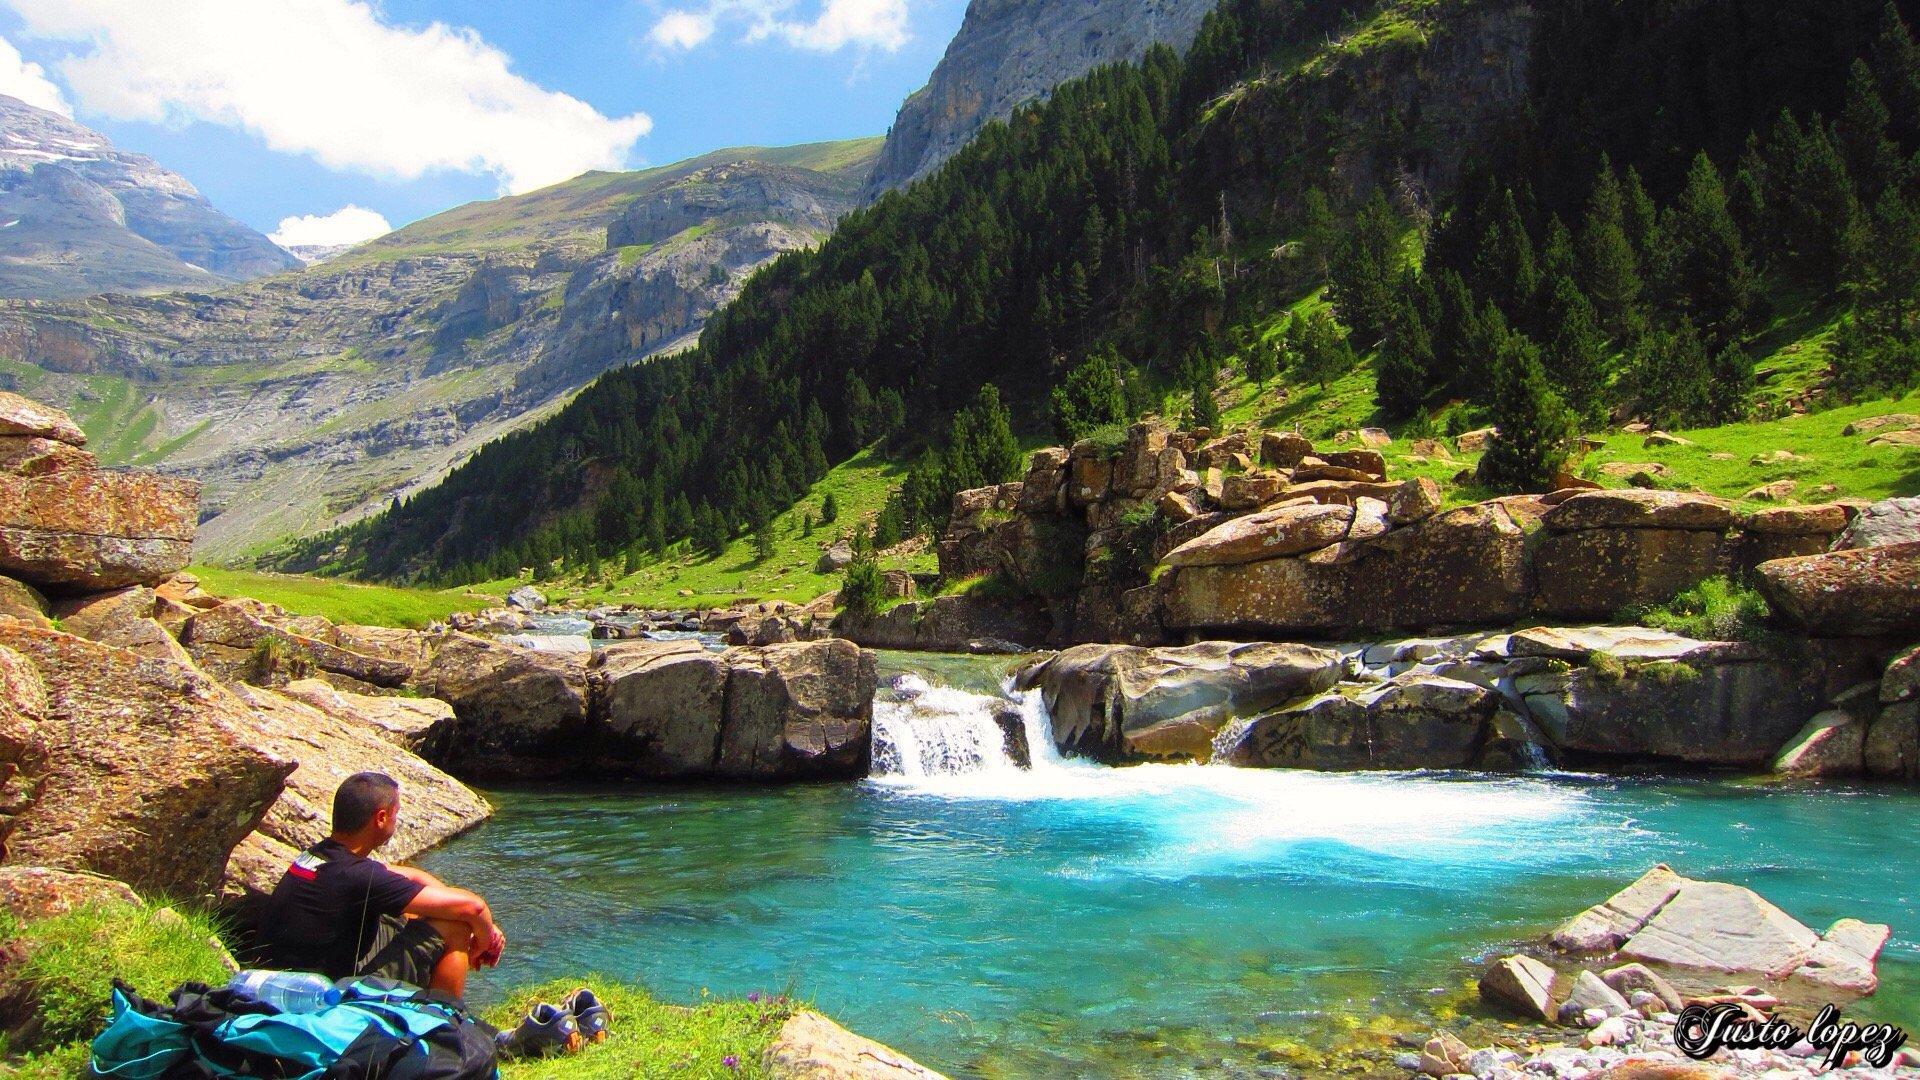 Cambia la playa ⛱️ por la montaña ⛰️! 7 días inolvidables en Huesca